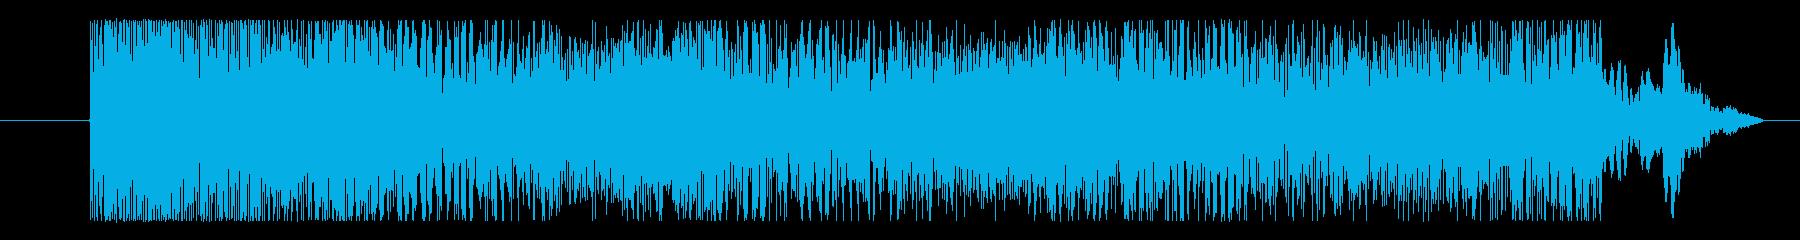 ゲーム 激しいハード02の再生済みの波形